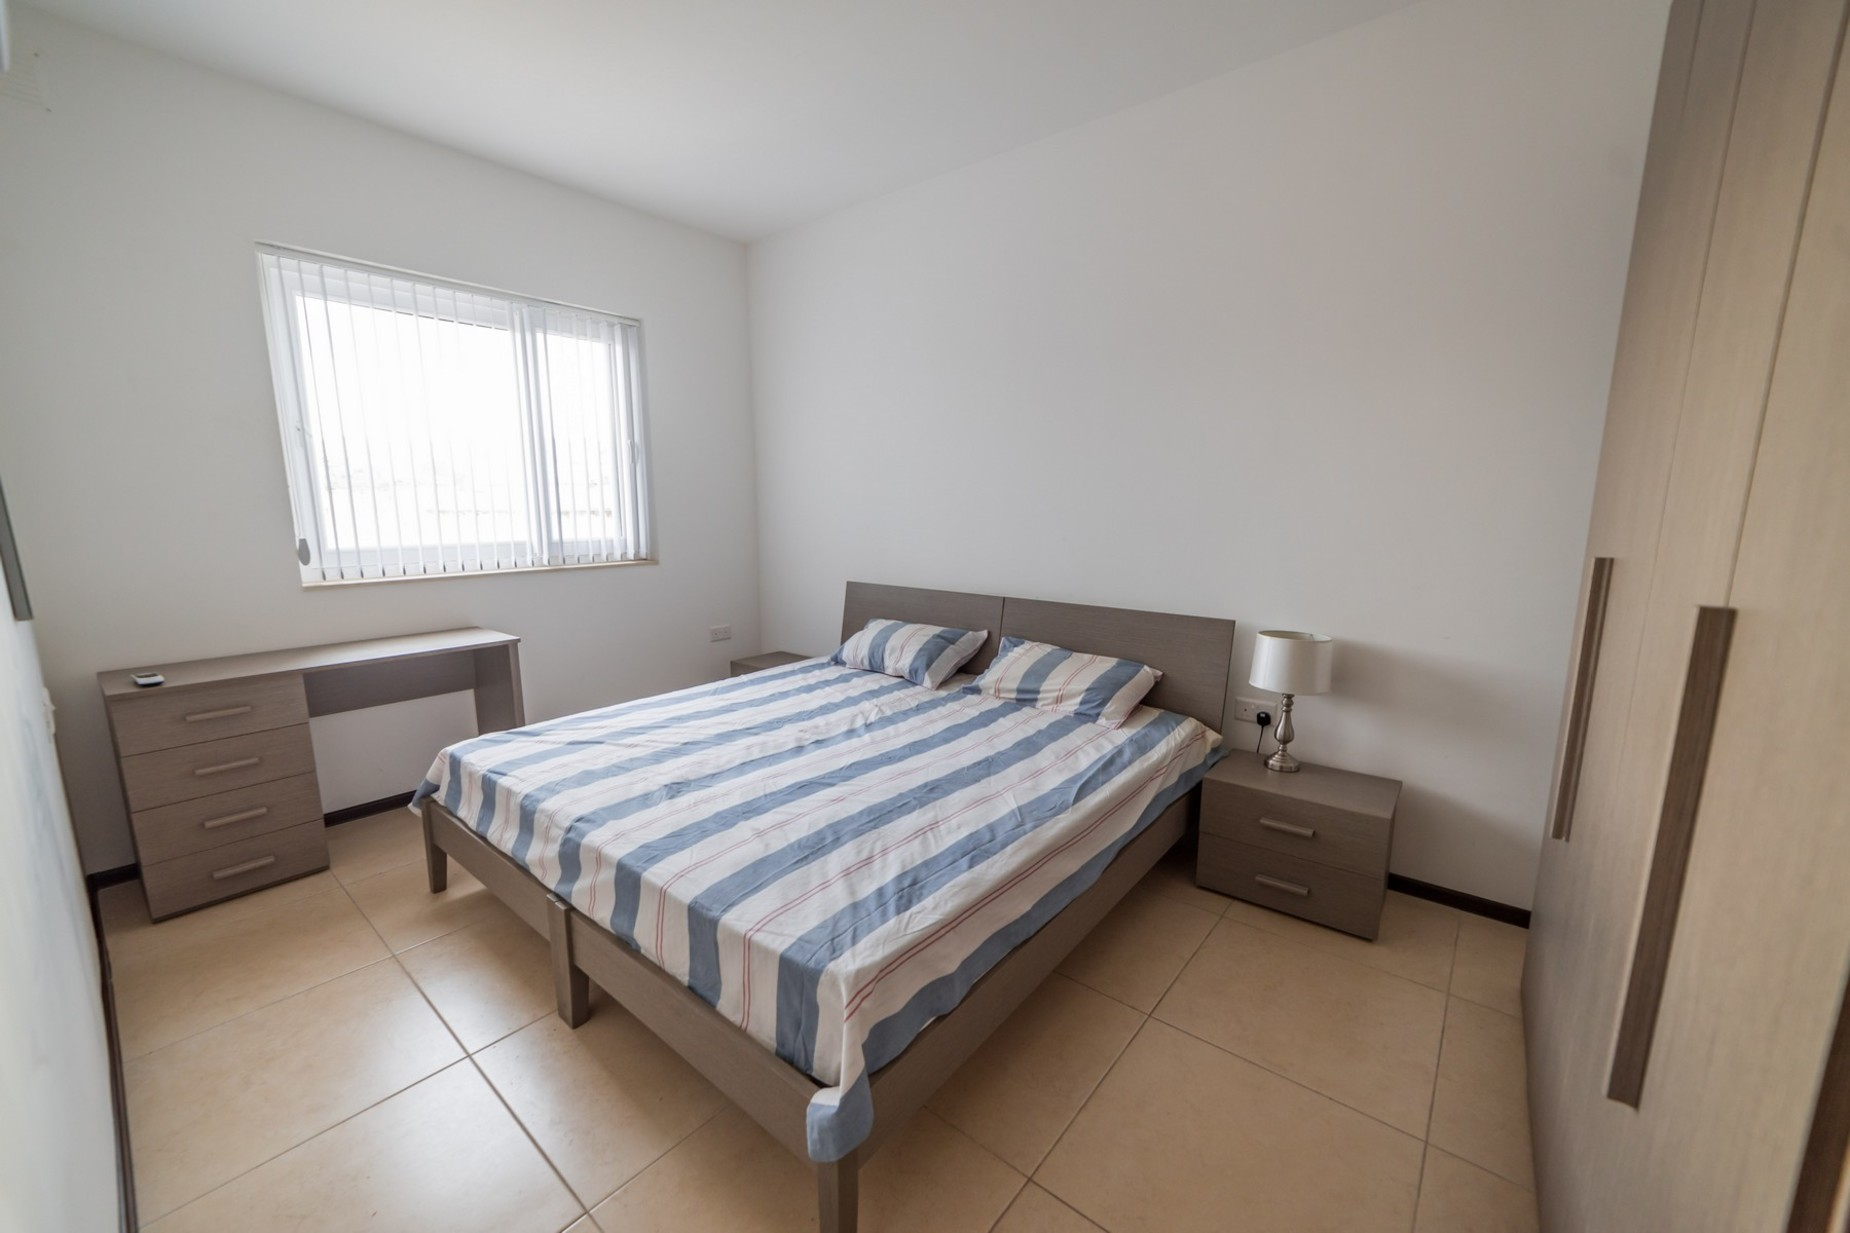 3 bed Apartment For Rent in Gzira, Gzira - thumb 2